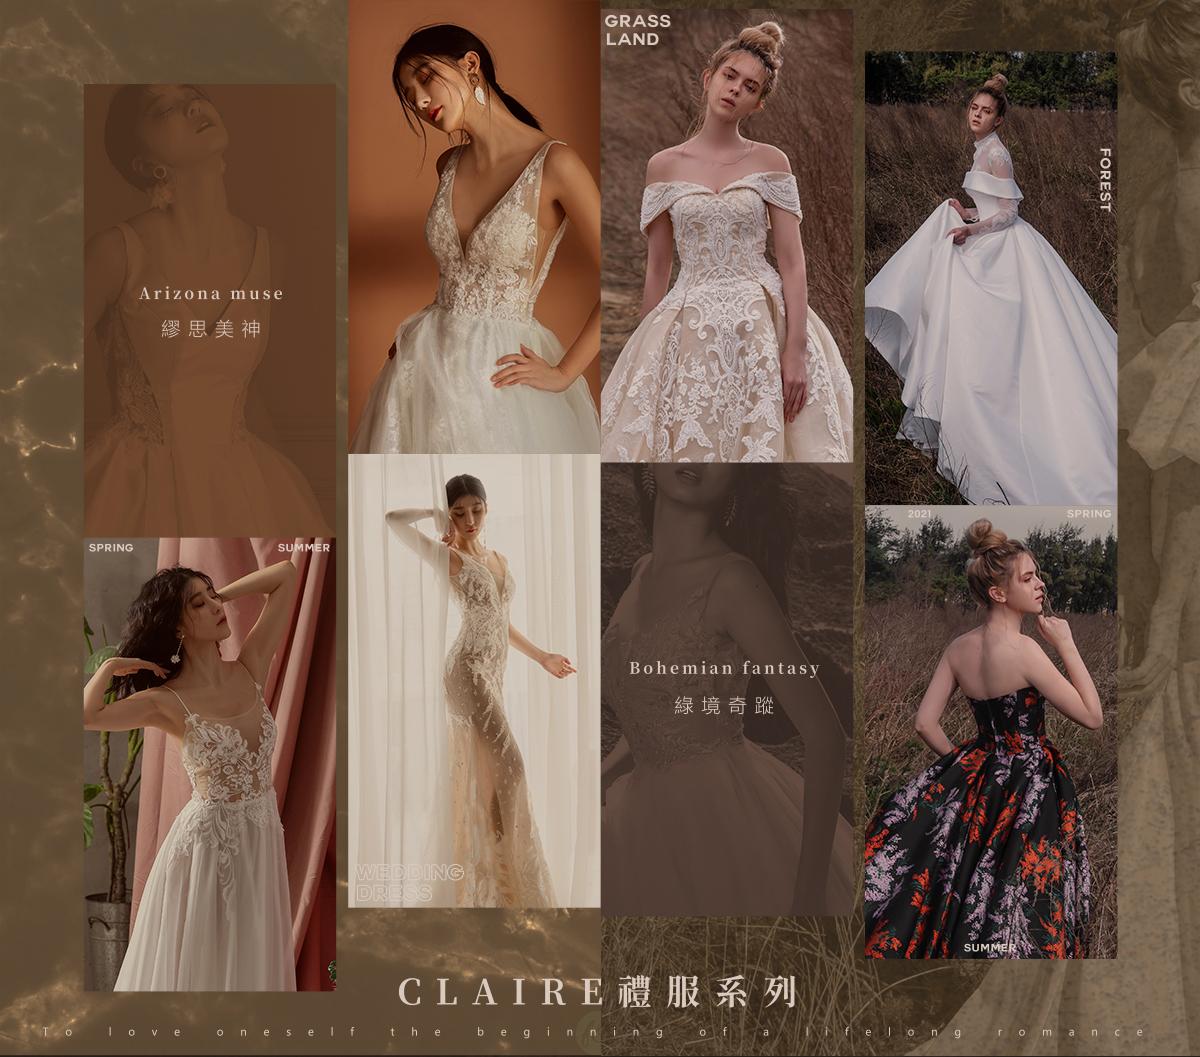 比堤婚紗 2021年4月 最新優惠 禮服優惠